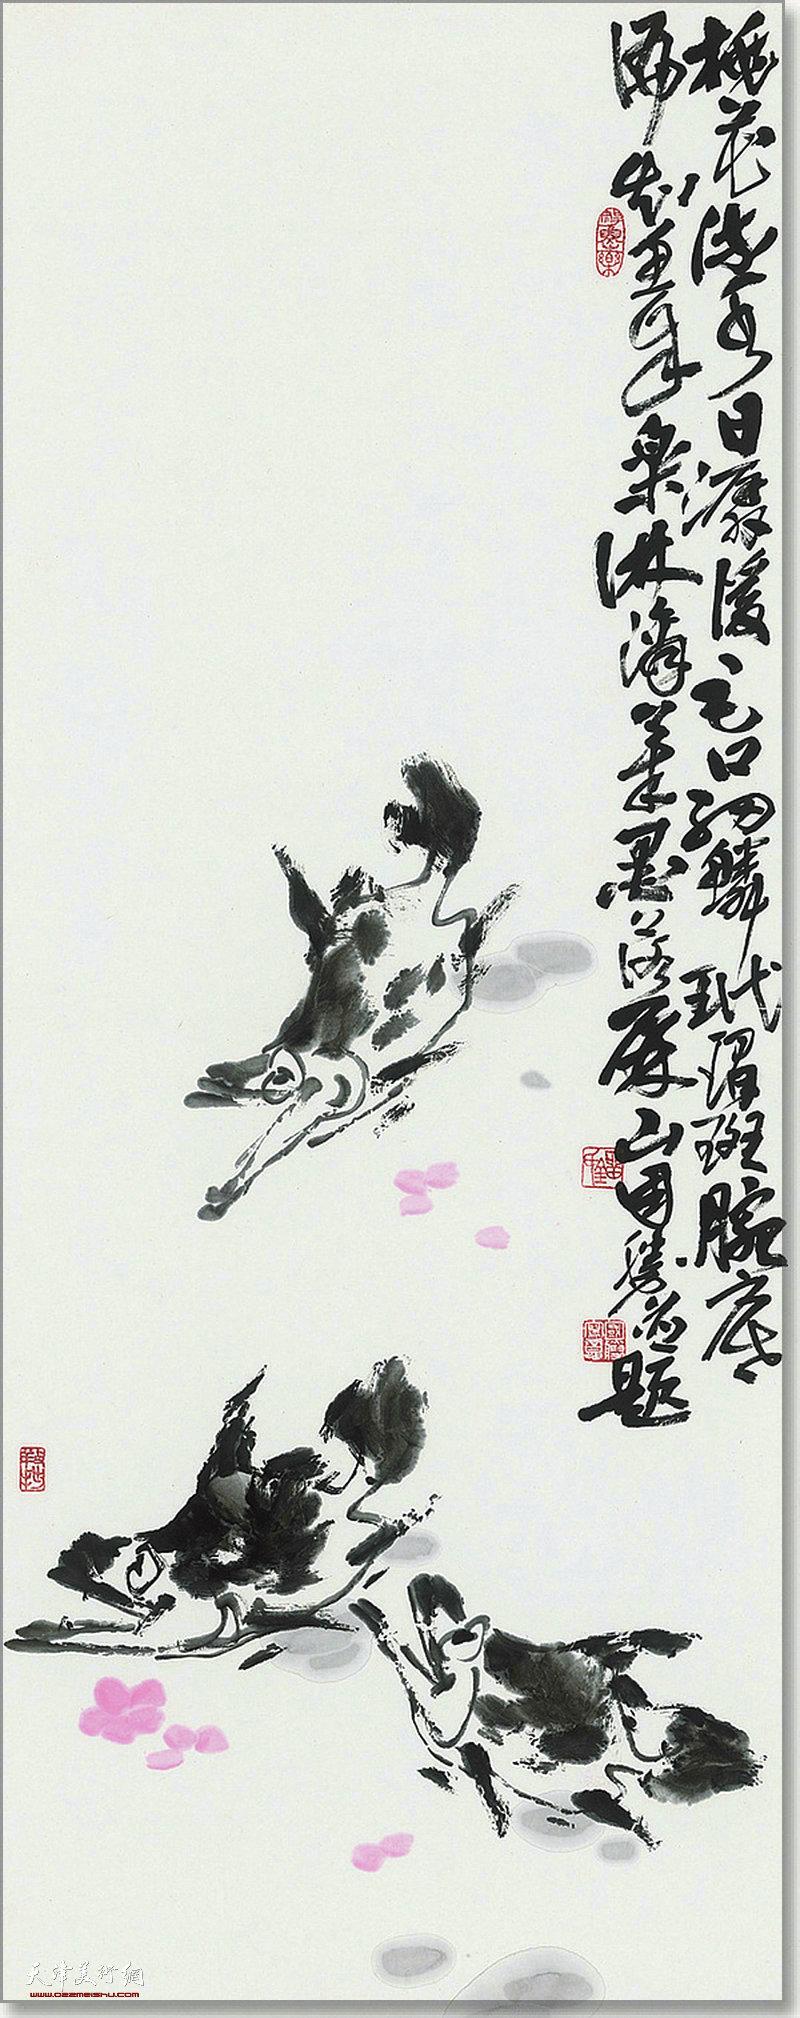 刘国胜作品:桃花流水